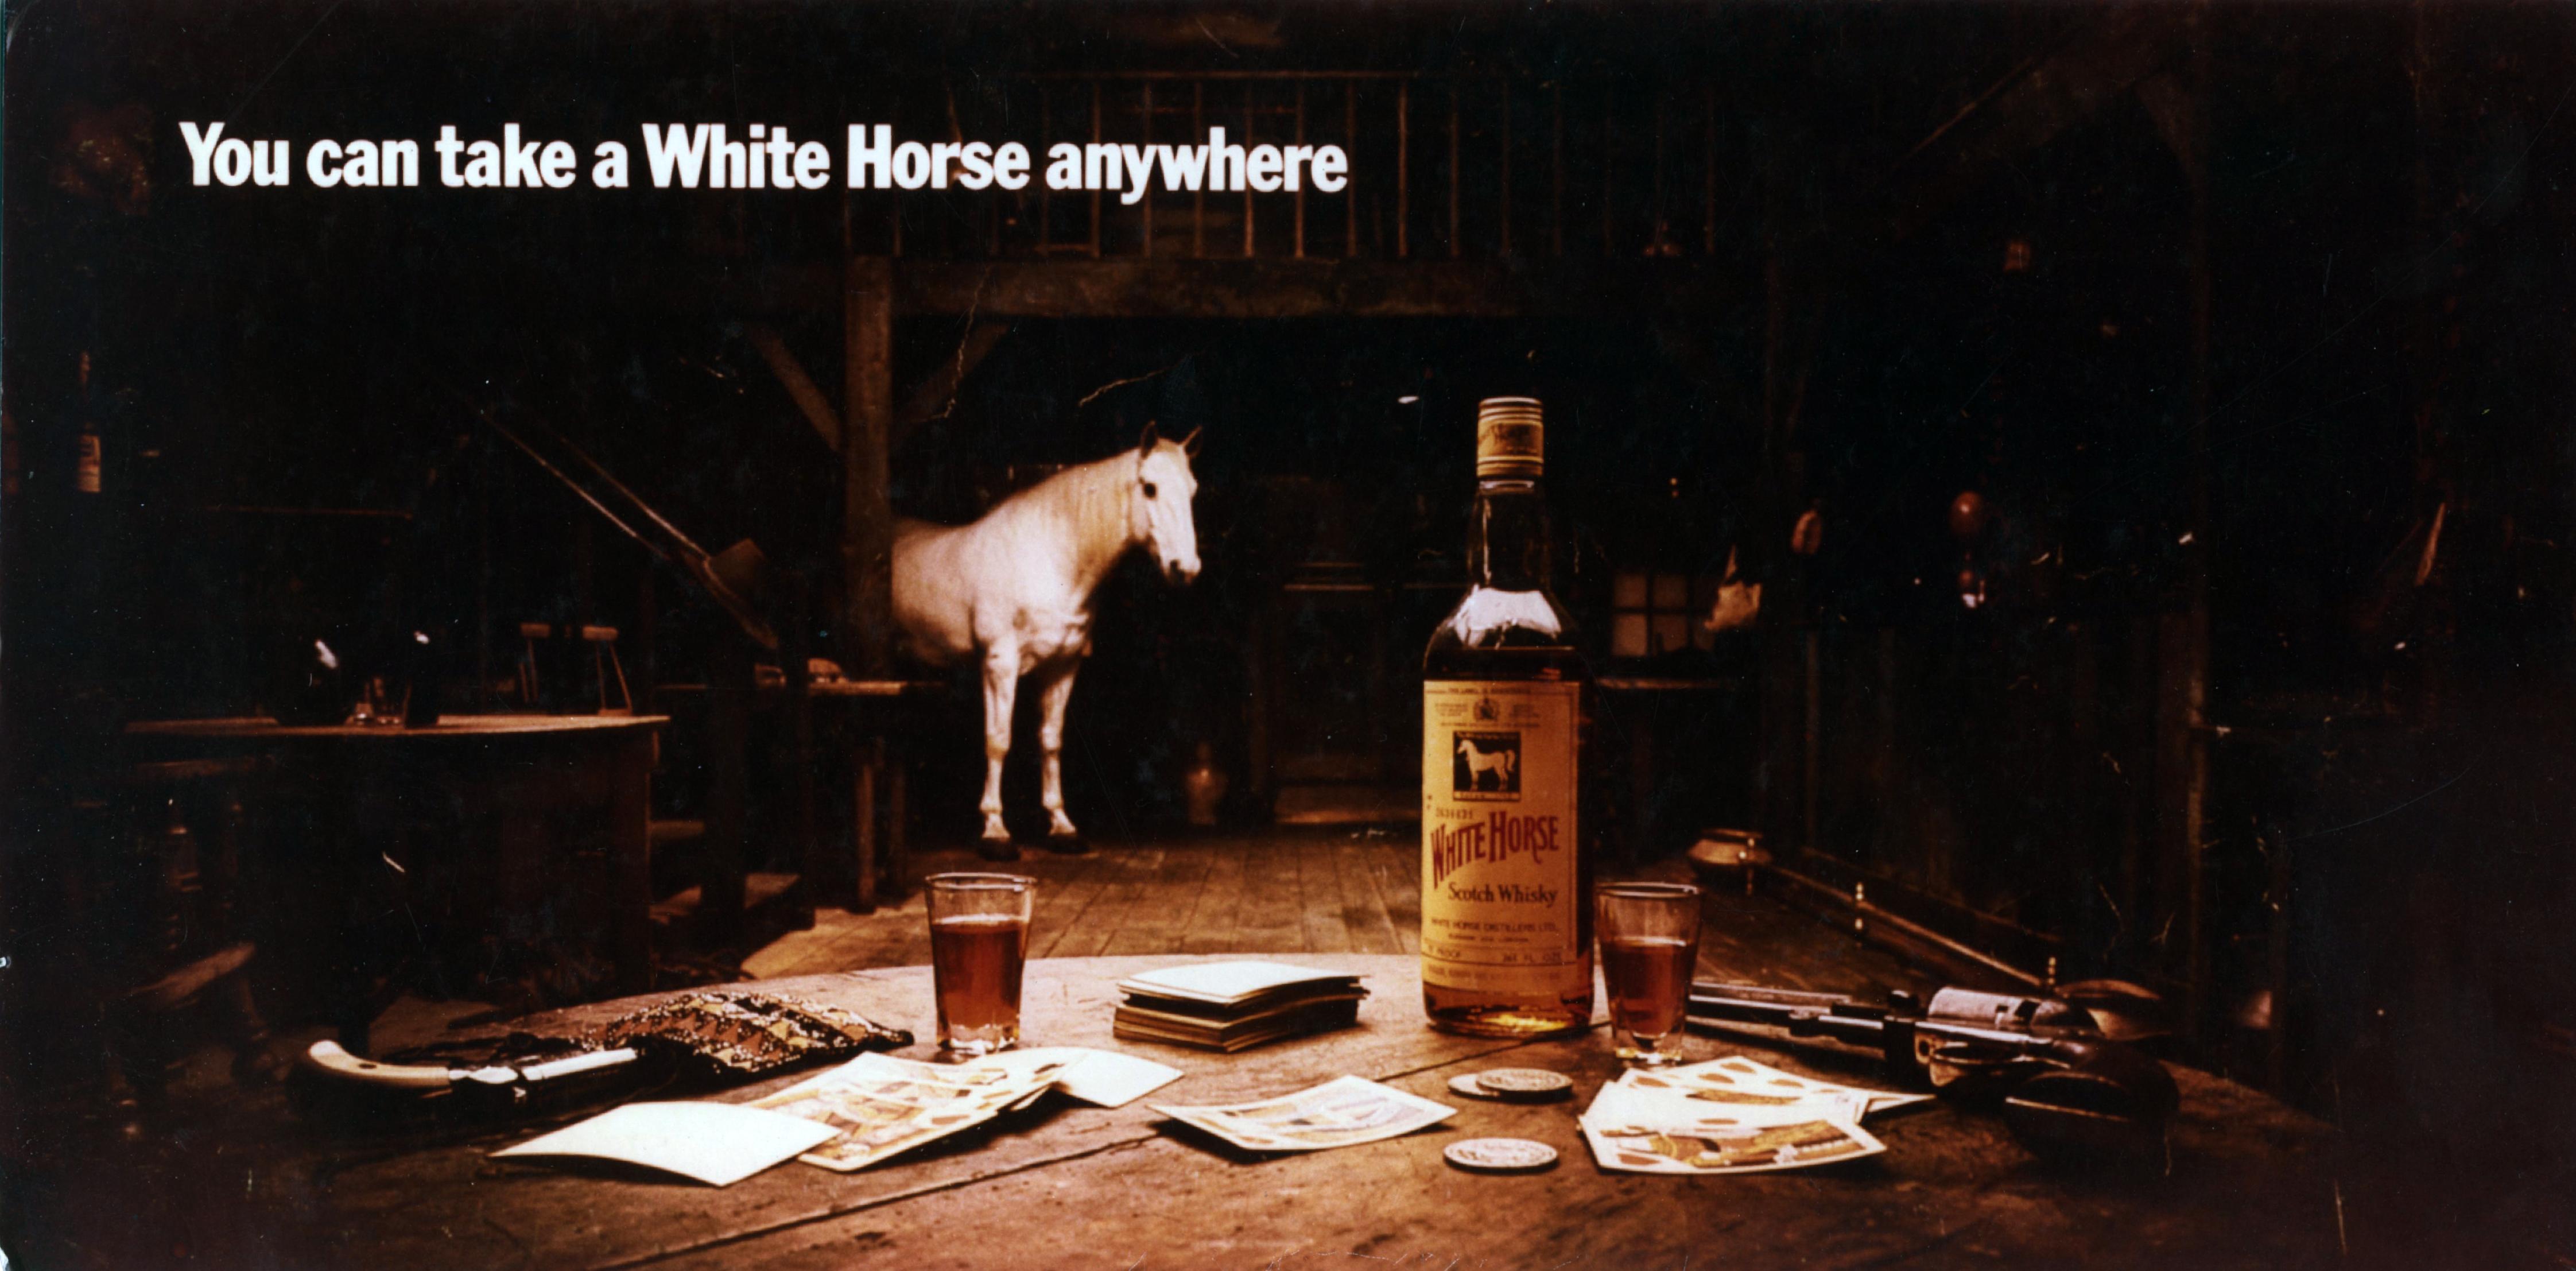 White Horse 'Bar*', David Holmes, KMP-01